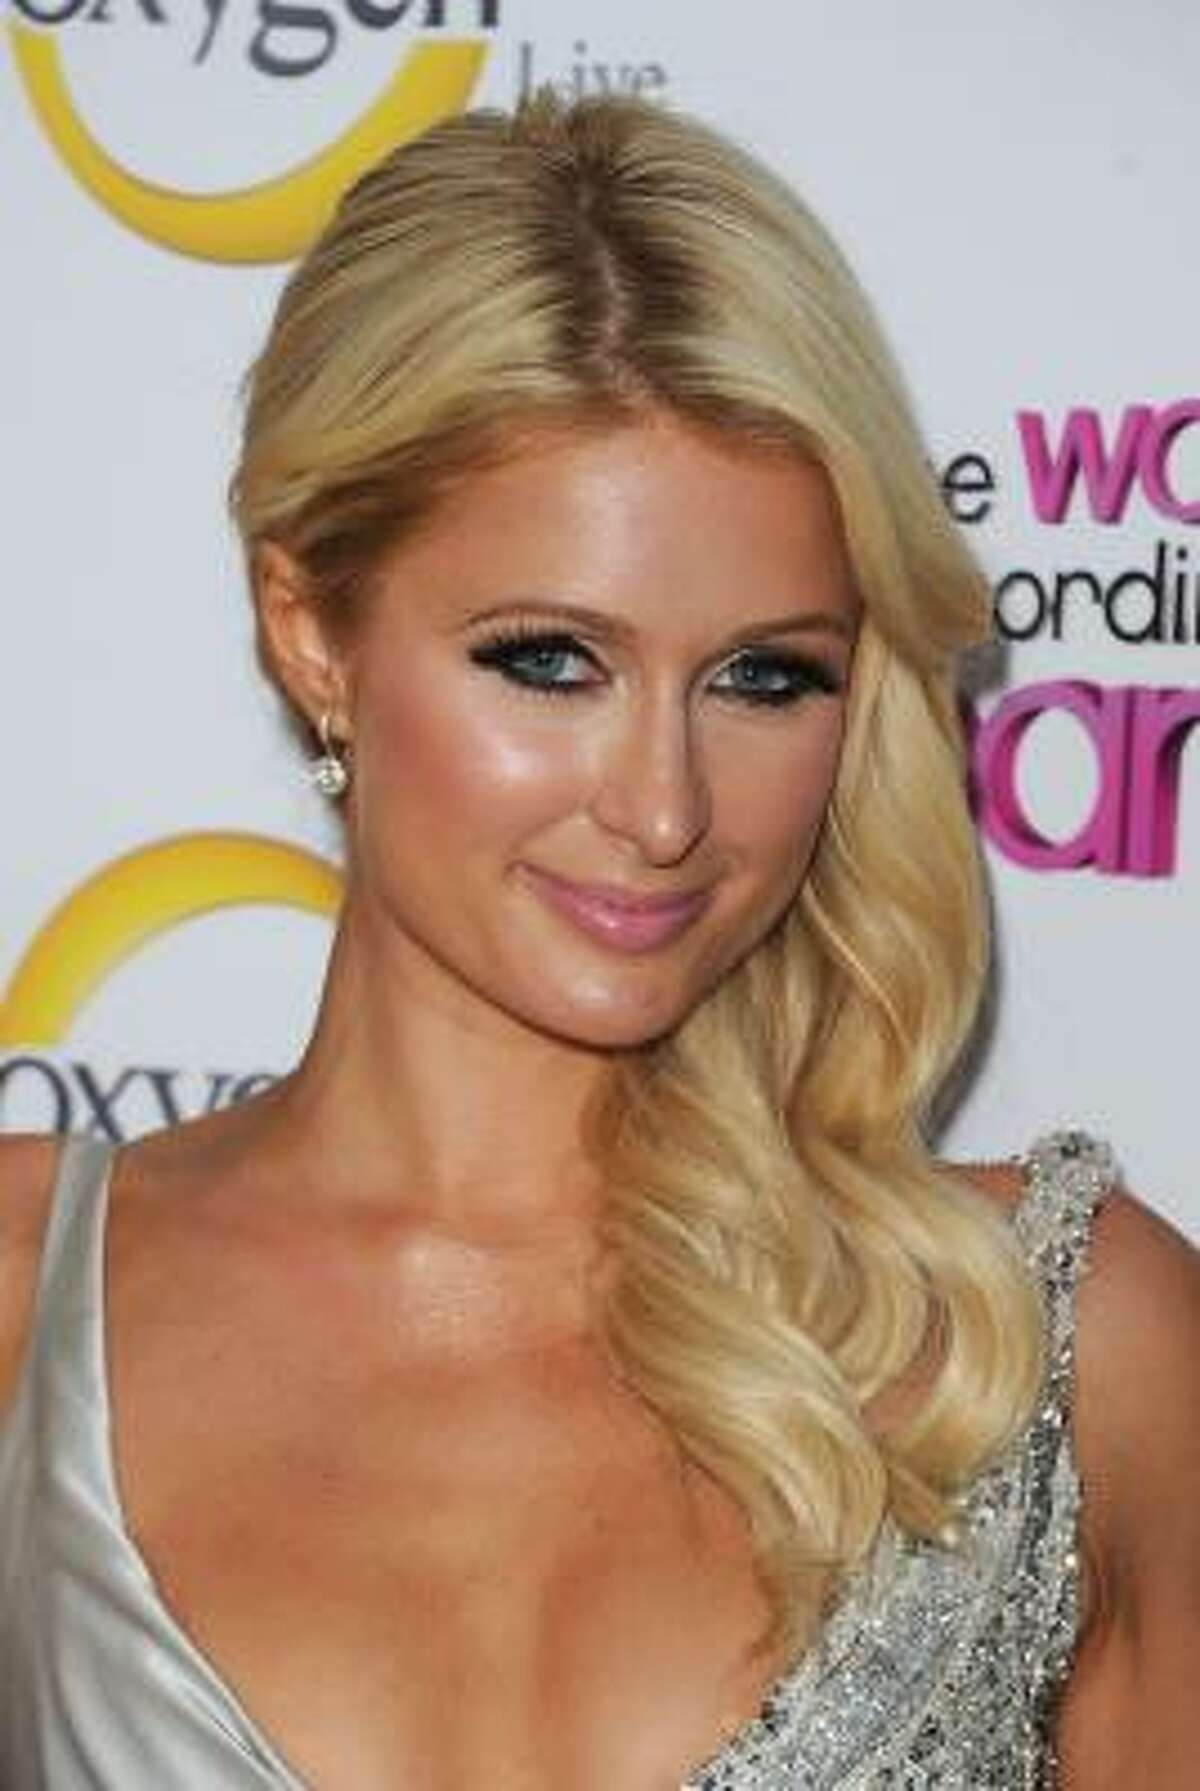 Paris Hilton Turned 30 on February 17.